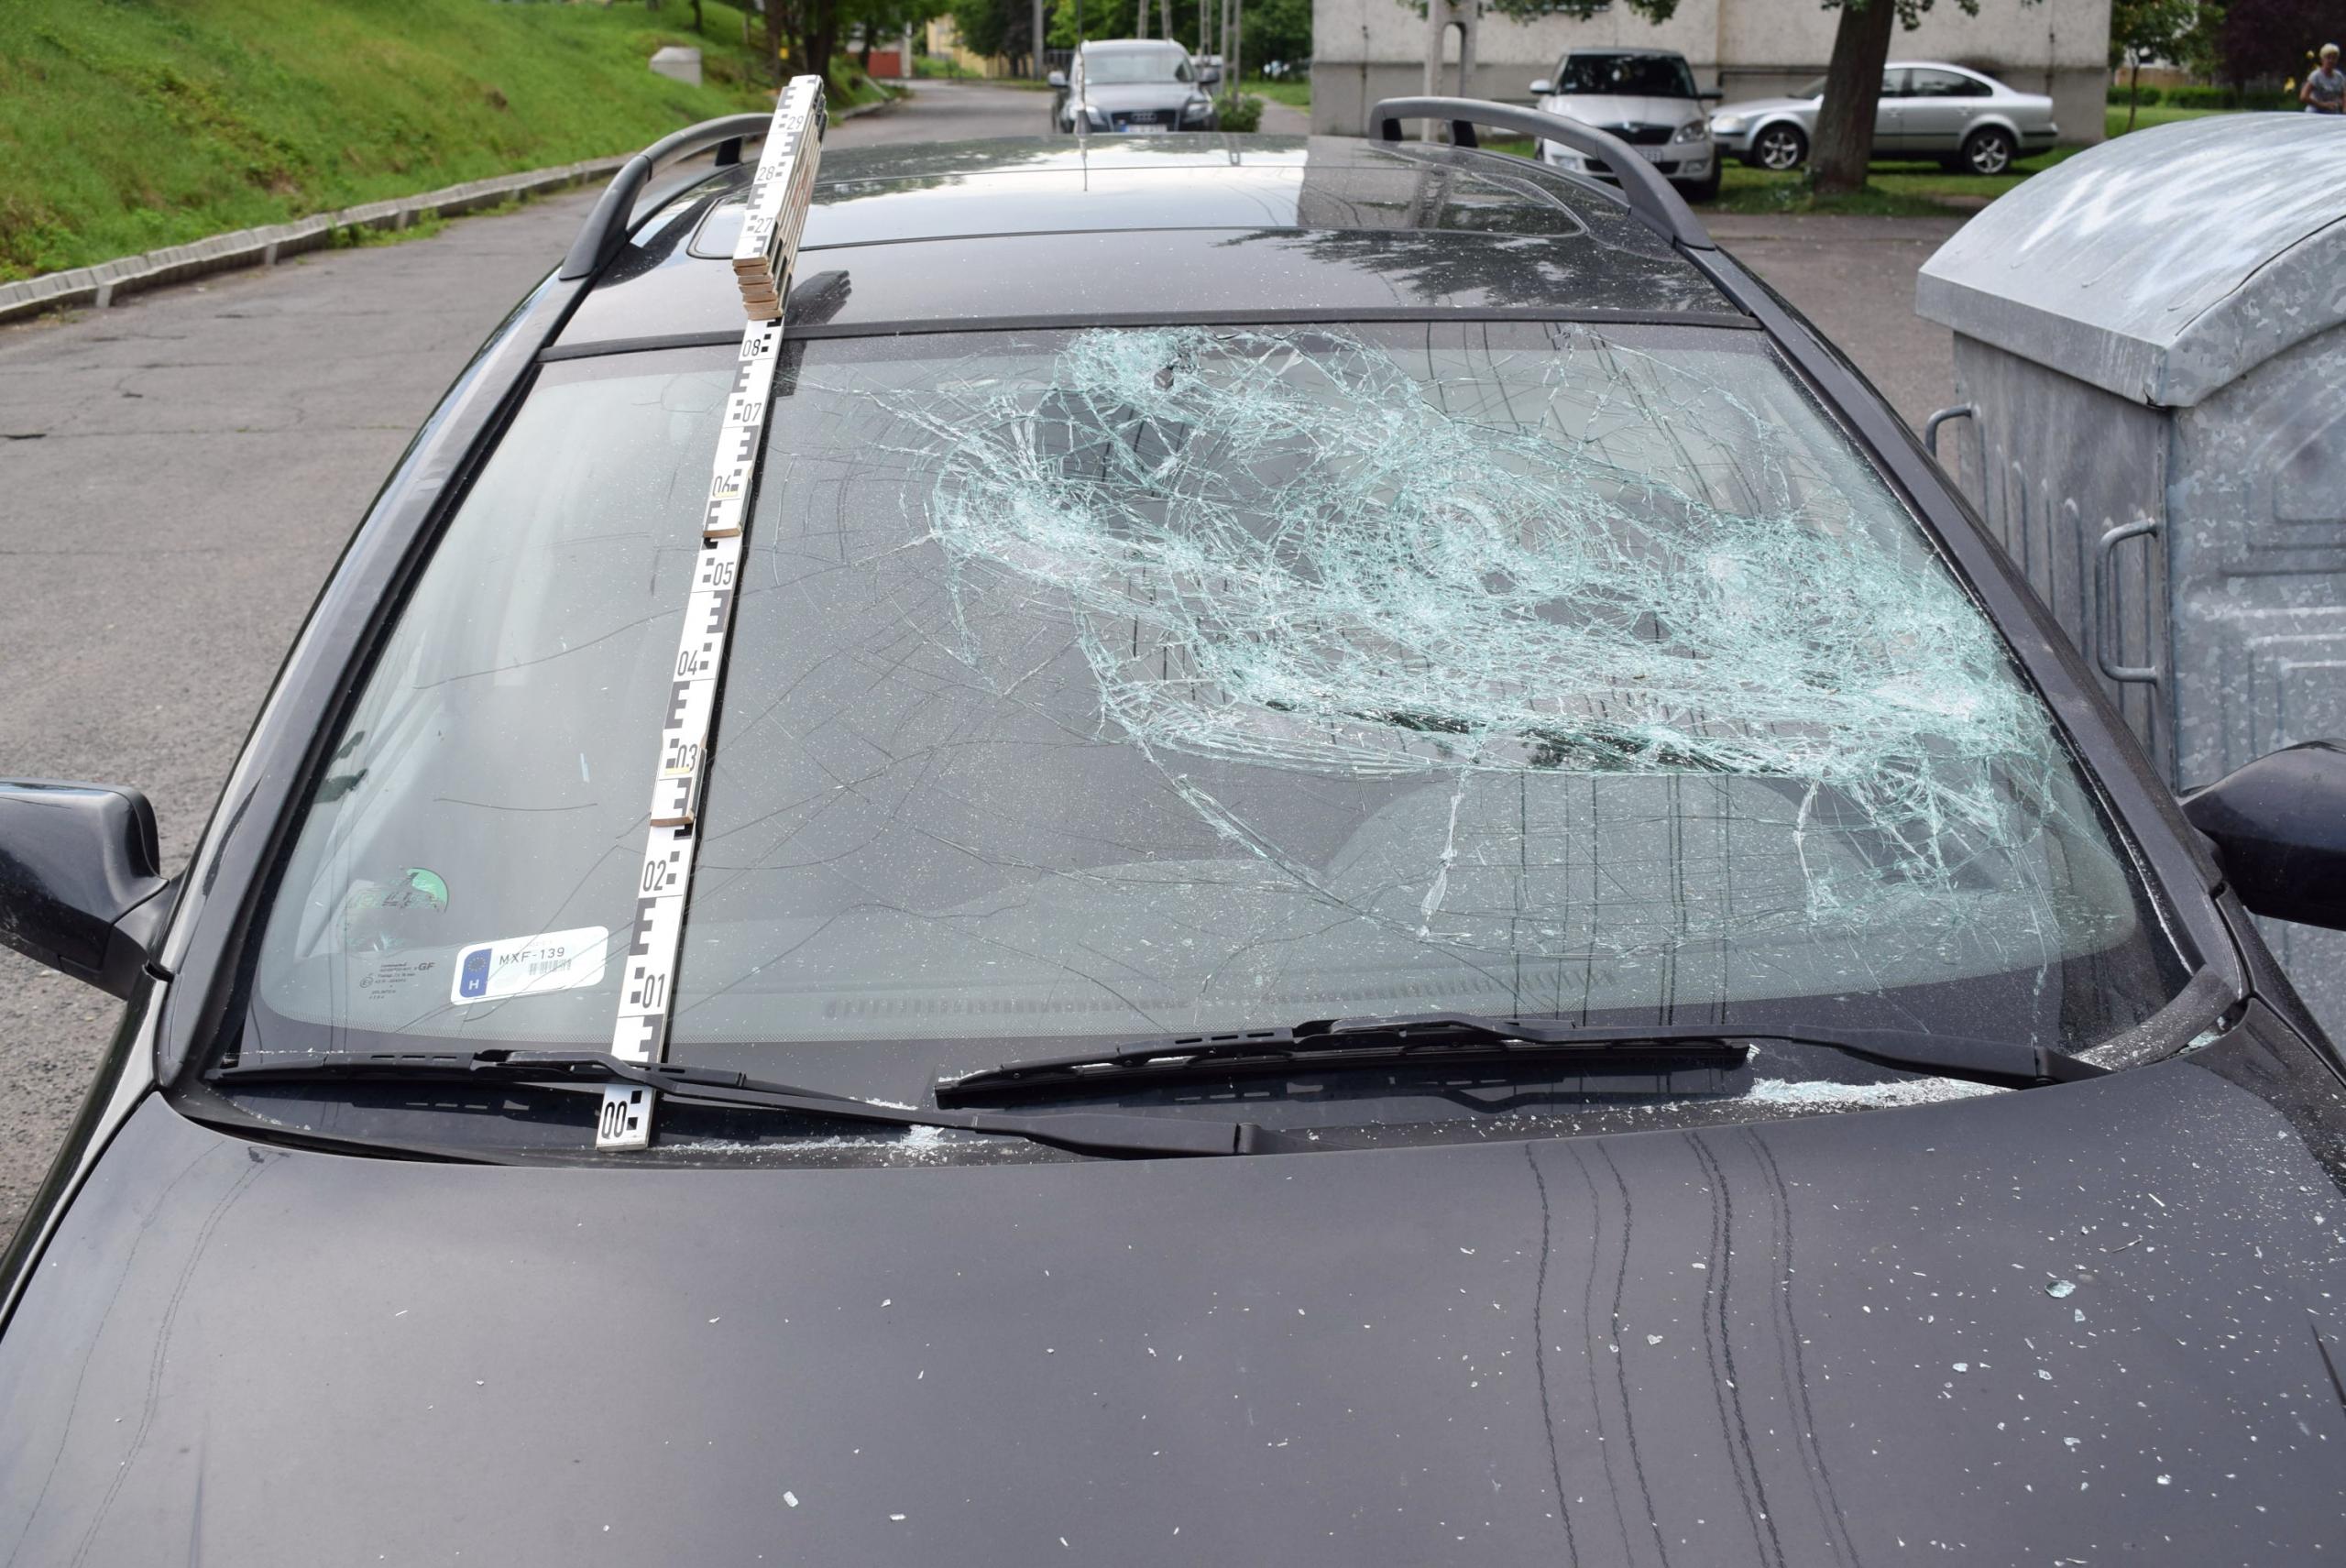 Kavicsokkal és egy csavarozó készlettel dobálta a haragosát, majd egy husánggal szétverte a saját kocsiját